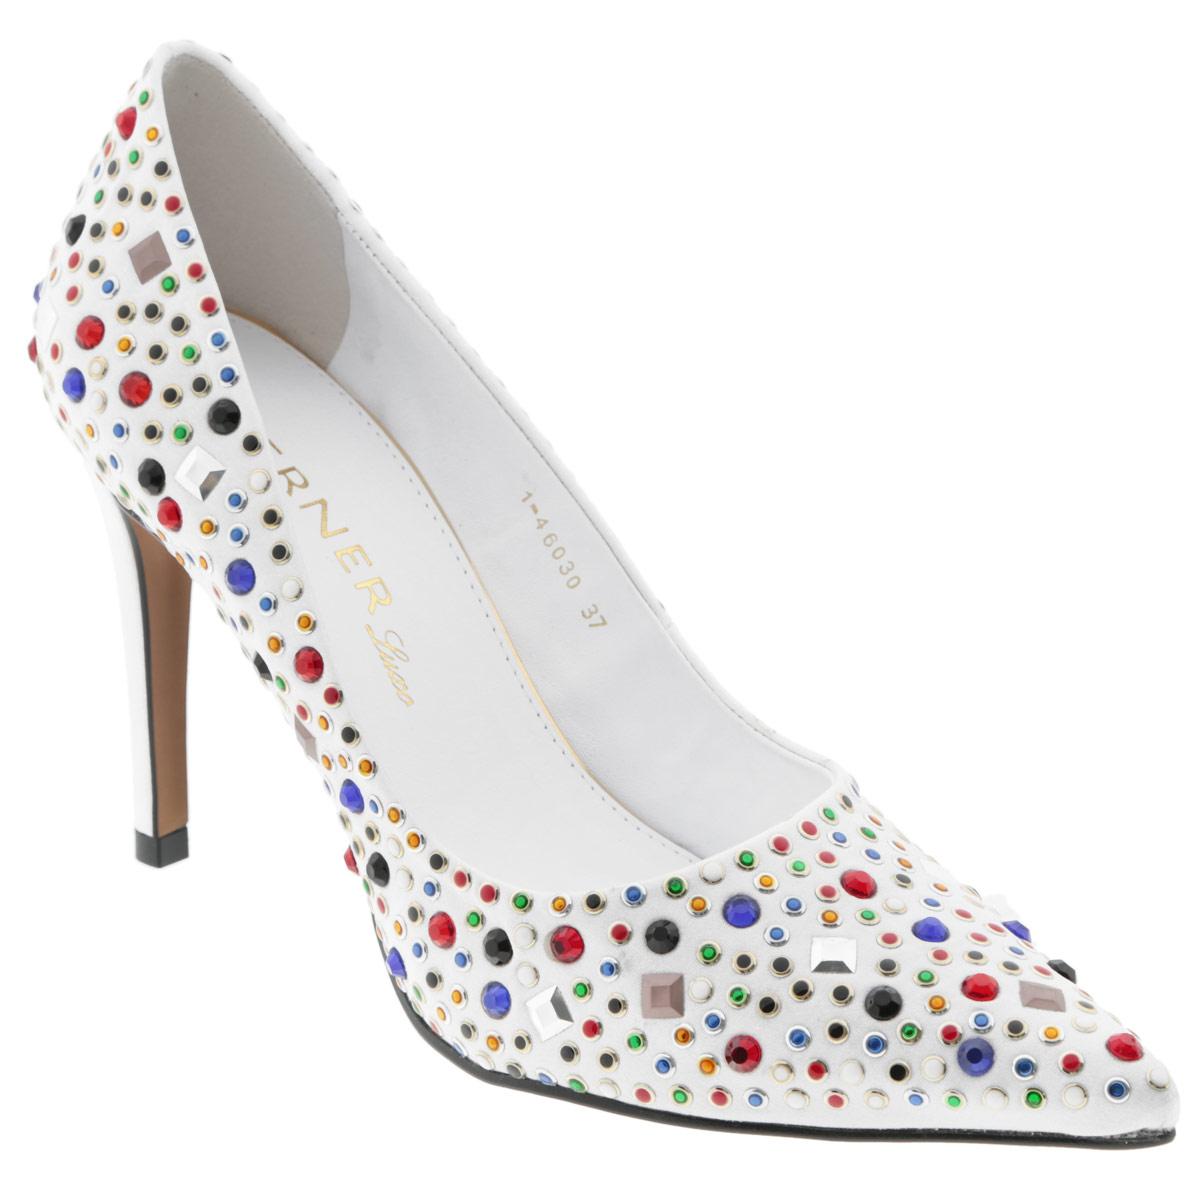 Туфли женские. 1-460301-46030Яркие женские туфли на шпильке от Werner прекрасно подчеркнут ваш стиль. Верх модели выполнен из текстильного материала и оформлен цветными стразами и декоративными клепками. Внутренняя часть и стелька из натуральной кожи гарантируют комфорт и удобство при ходьбе. Высокий каблук подчеркнет красоту и стройность ваших ног. Подошва выполнена из прочного полимера с противоскользящим рифлением. Такие туфли станут прекрасным дополнением вашего гардероба. Они сделают вас ярче и подчеркнут вашу индивидуальность!